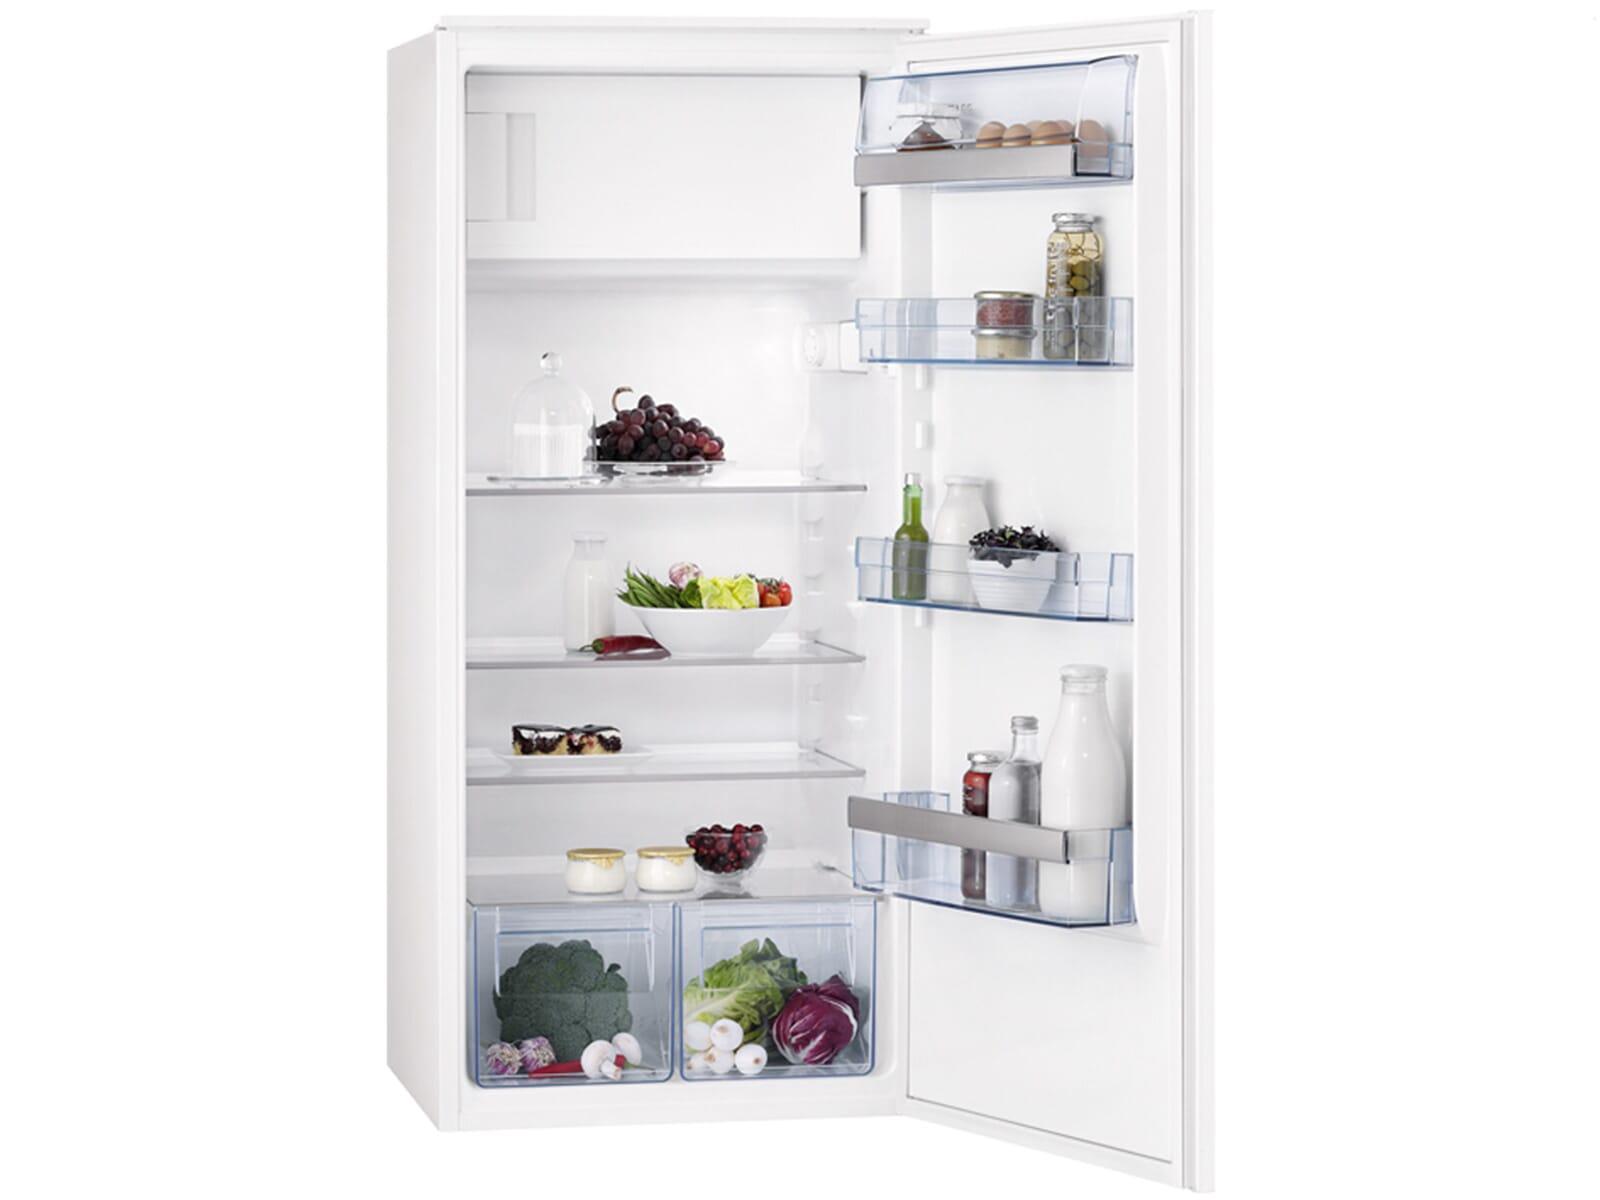 Aeg Kühlschrank Temperatur Einstellen : Kühlschrank temperatur einstellen neff kühlschrank